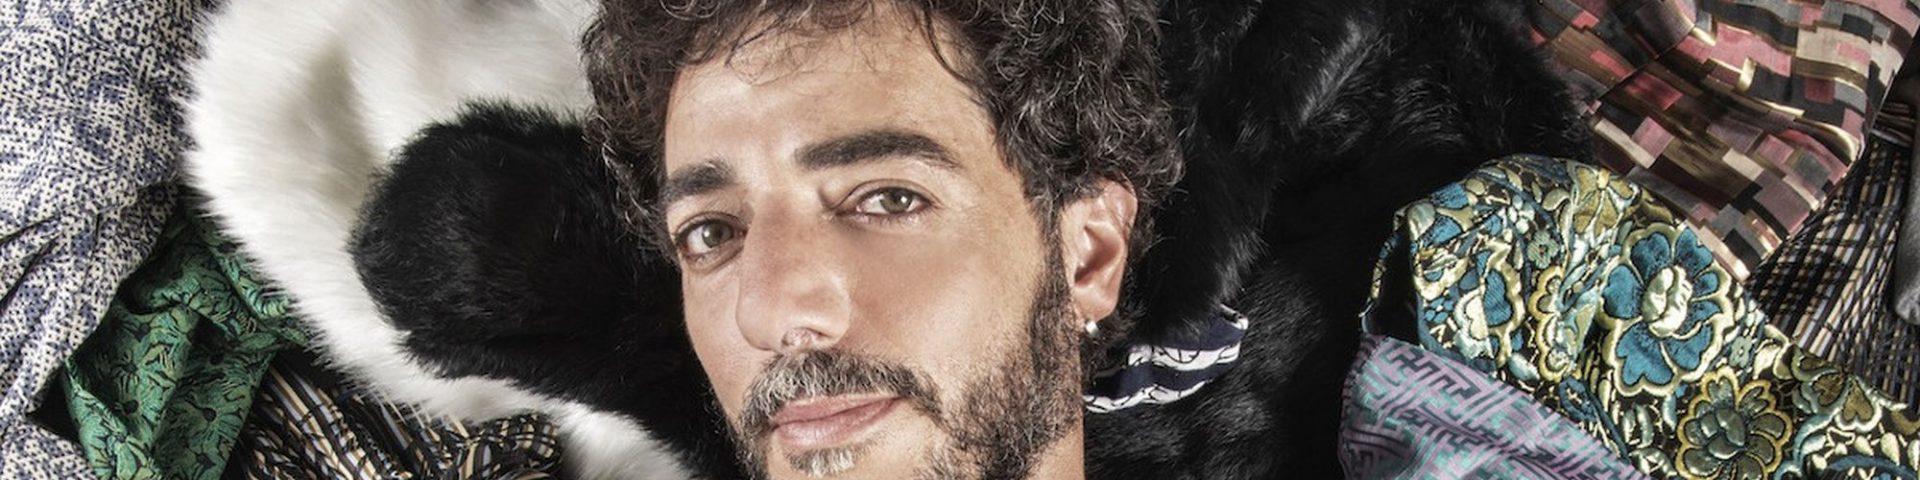 Max Gazzè in concerto a Roma: tutte le info sull'Alchemaya tour